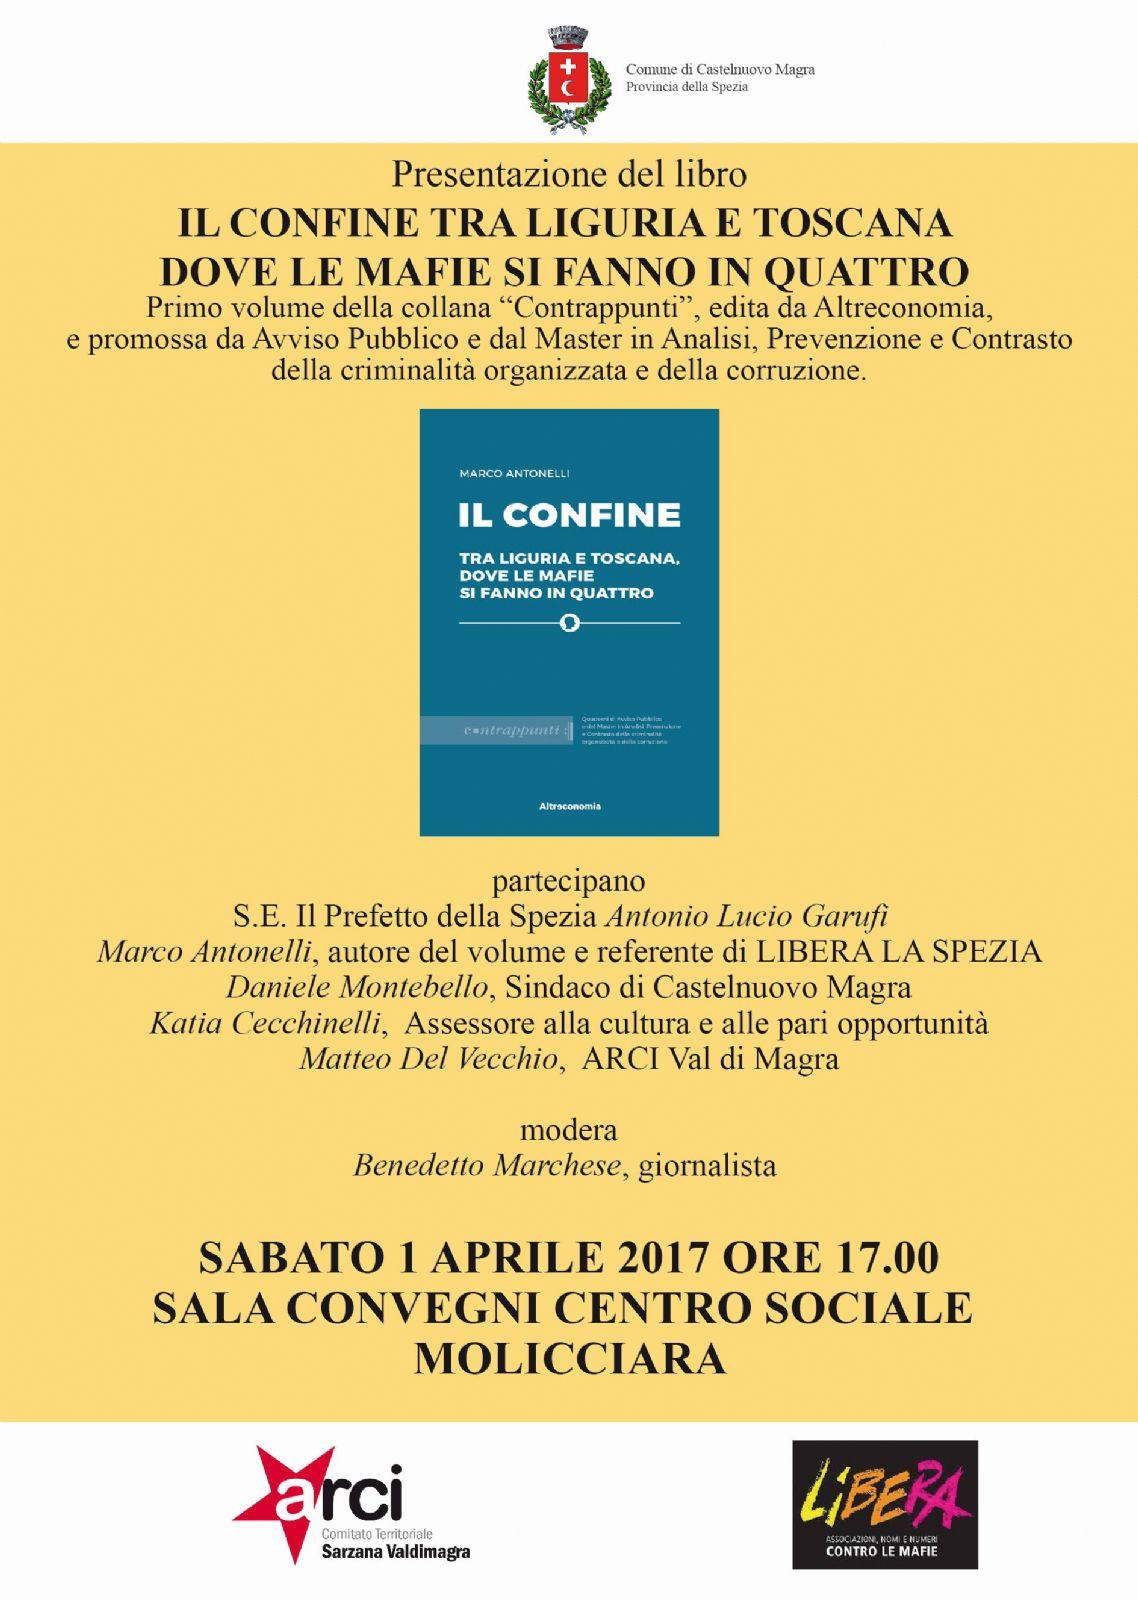 174f7ad049f5 Eventi passati - Comune di Castelnuovo Magra